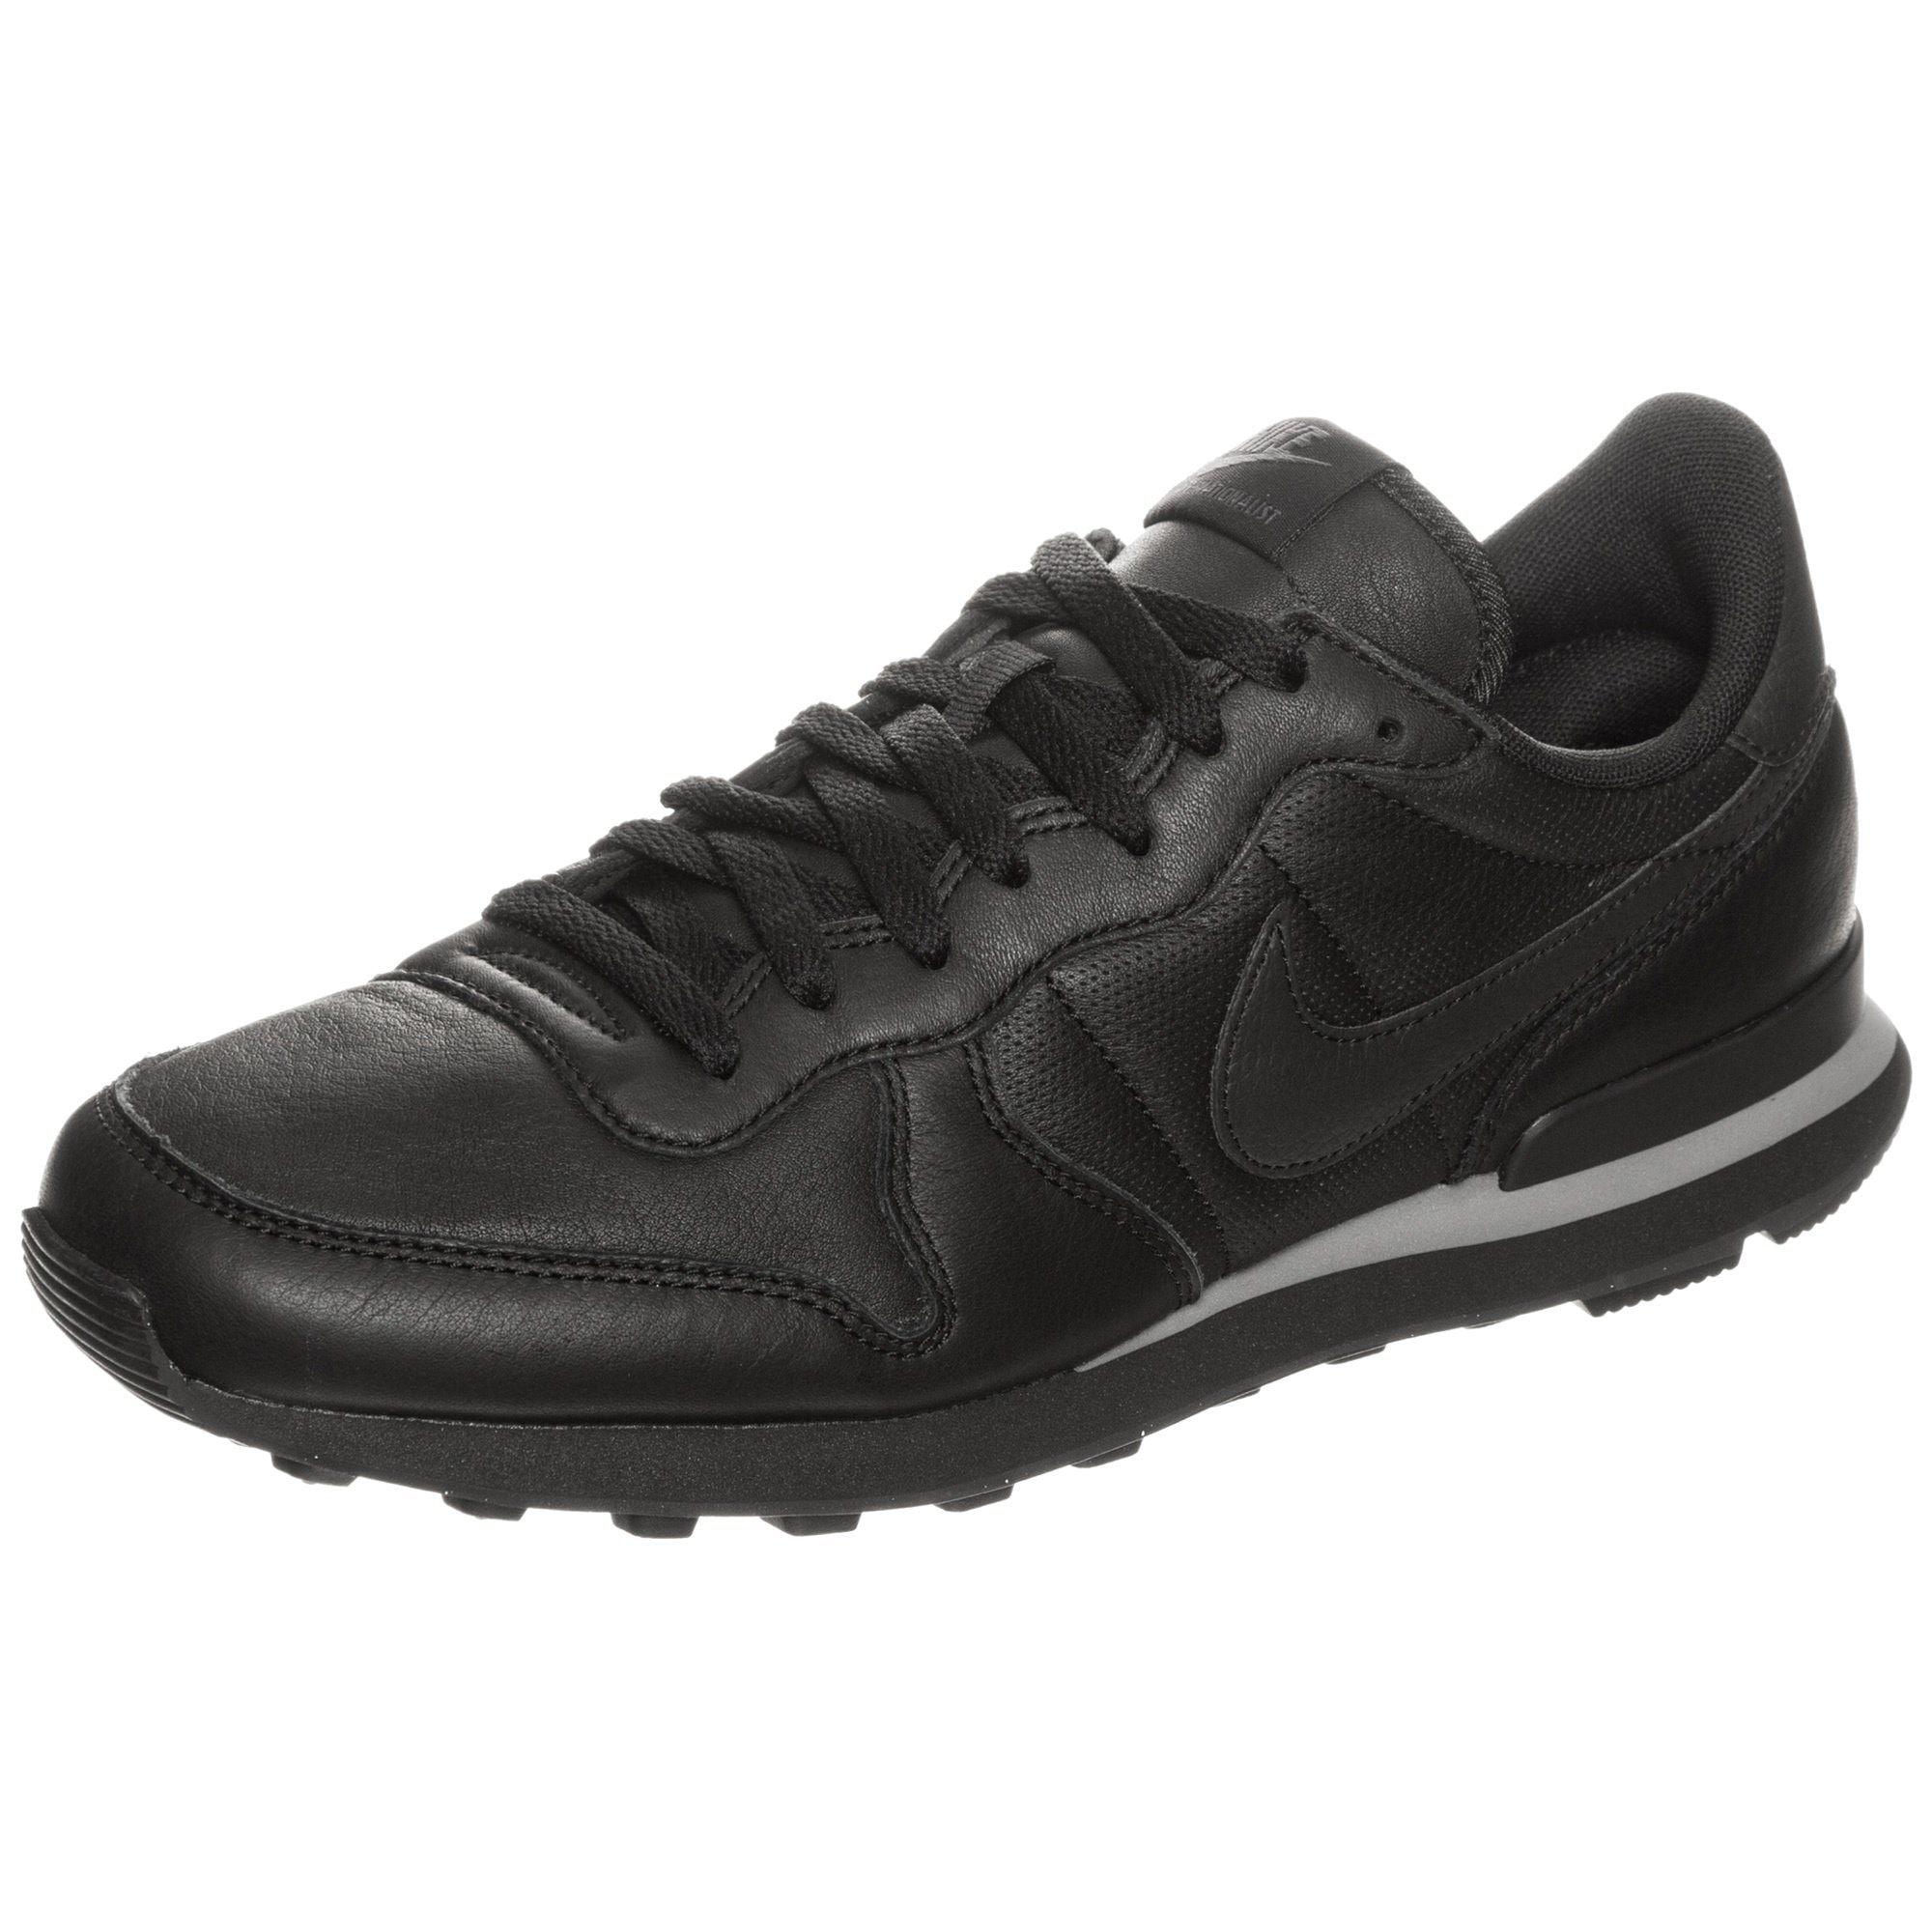 Nike Sportswear Sneaker Sneaker Sneaker Internationalist online kaufen | Gutes Preis-Leistungs-Verhältnis, es lohnt sich a7e019